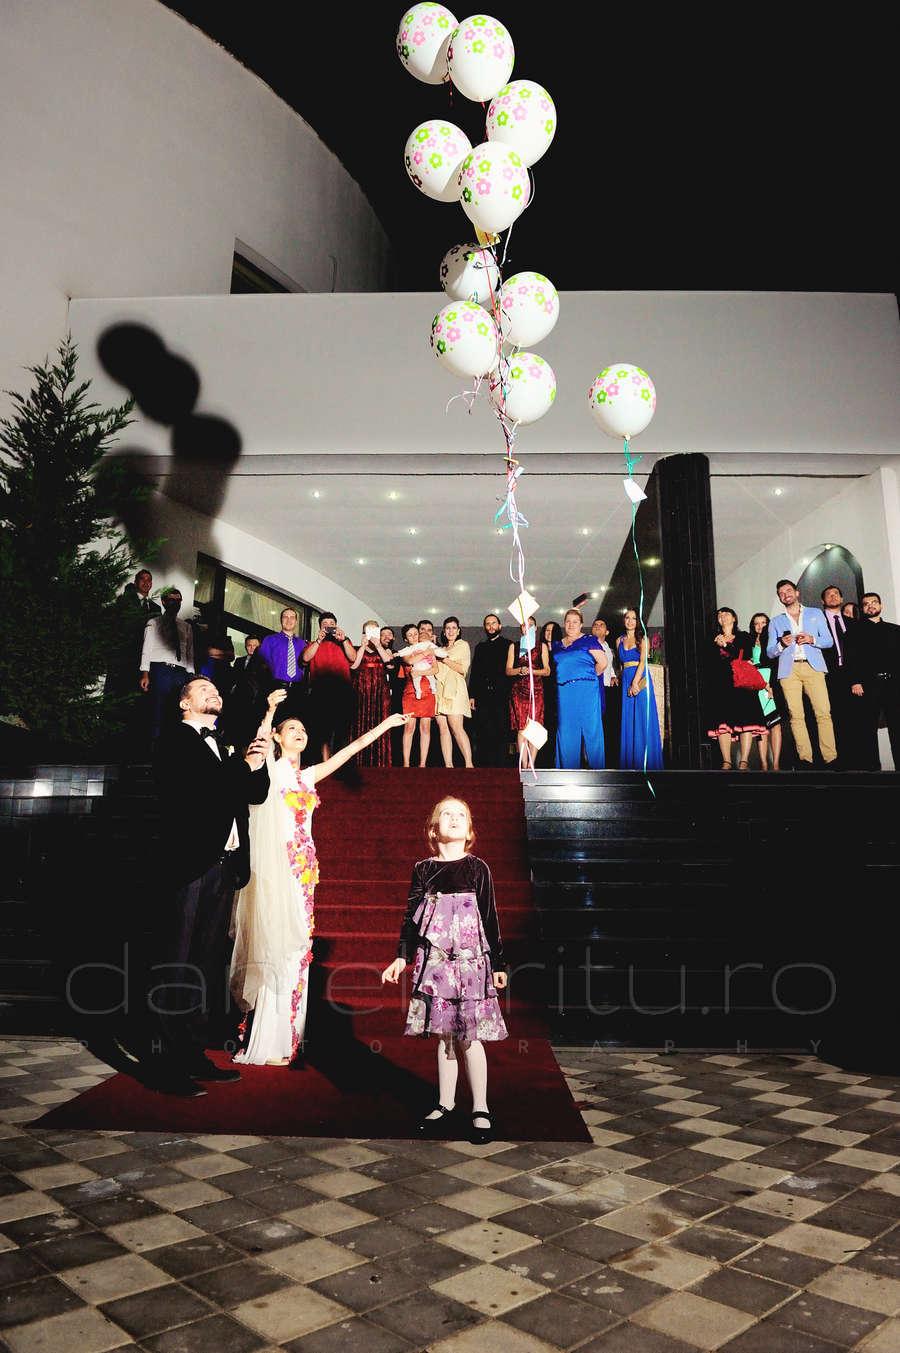 Nunta cu Ioana Picos si Mihai Fagadaru la Militari Ballroom